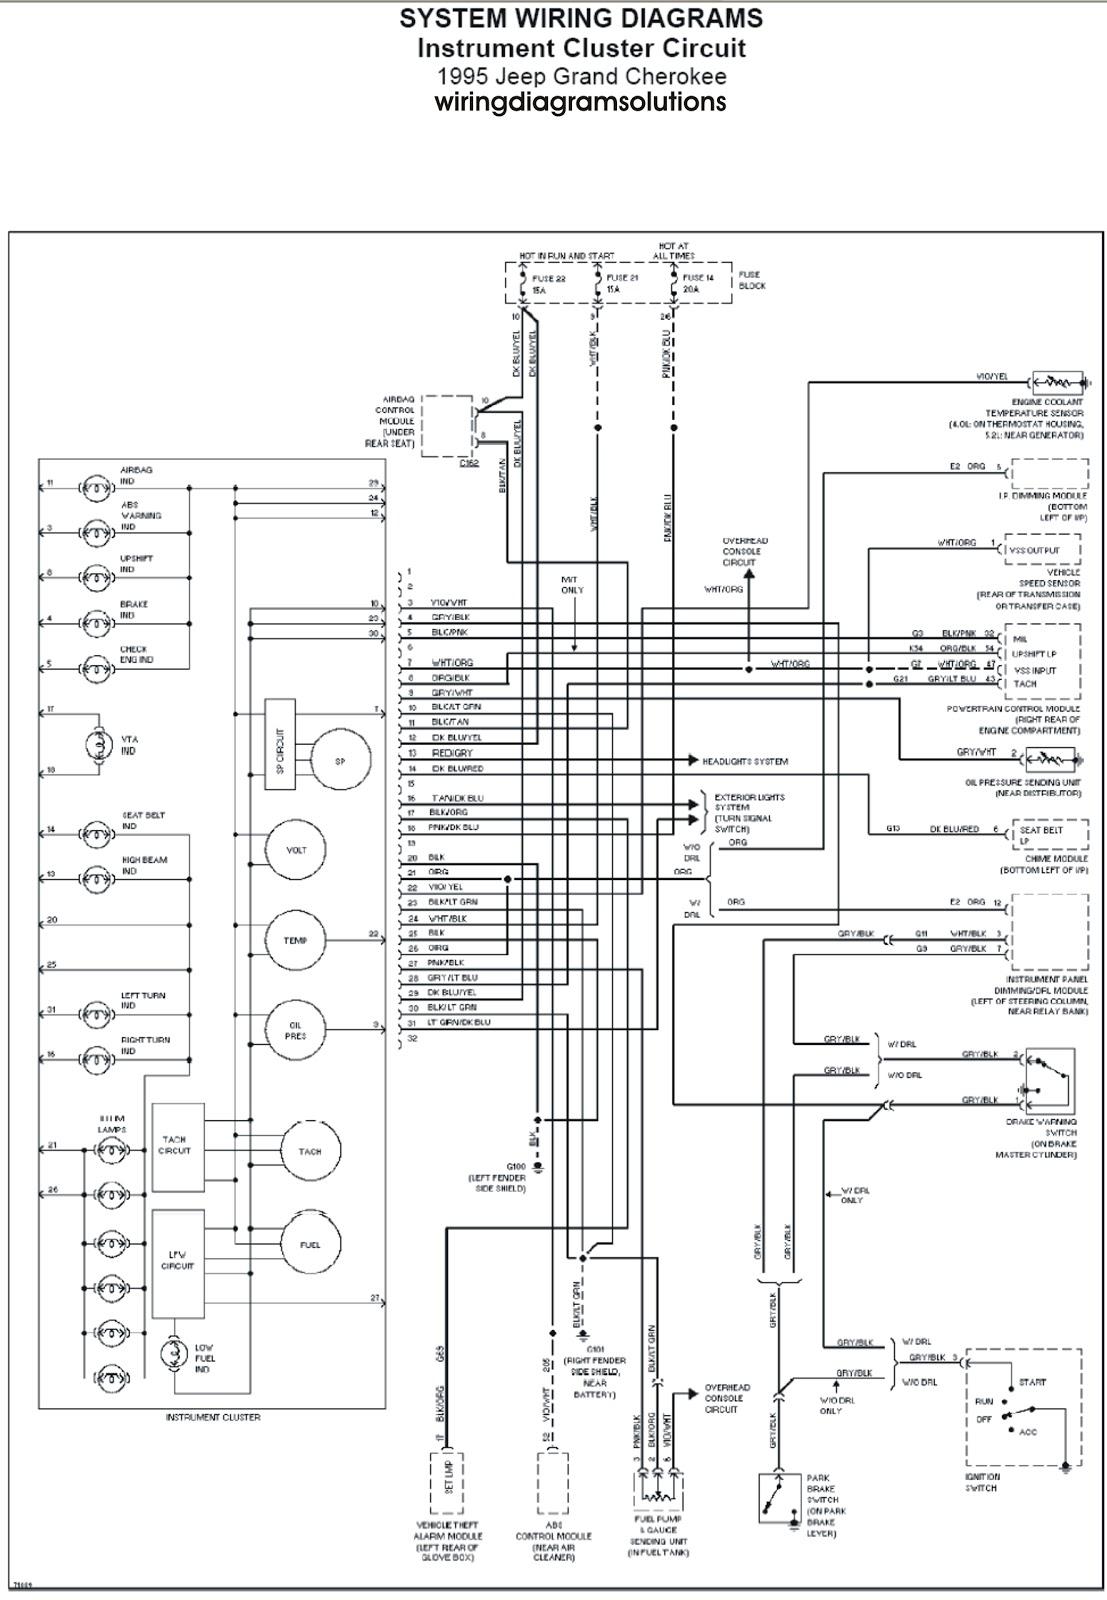 2000 cherokee wiring schematic wiring schematics 2000 Cherokee Wiring Diagram 2000 jeep cherokee wiring schematic